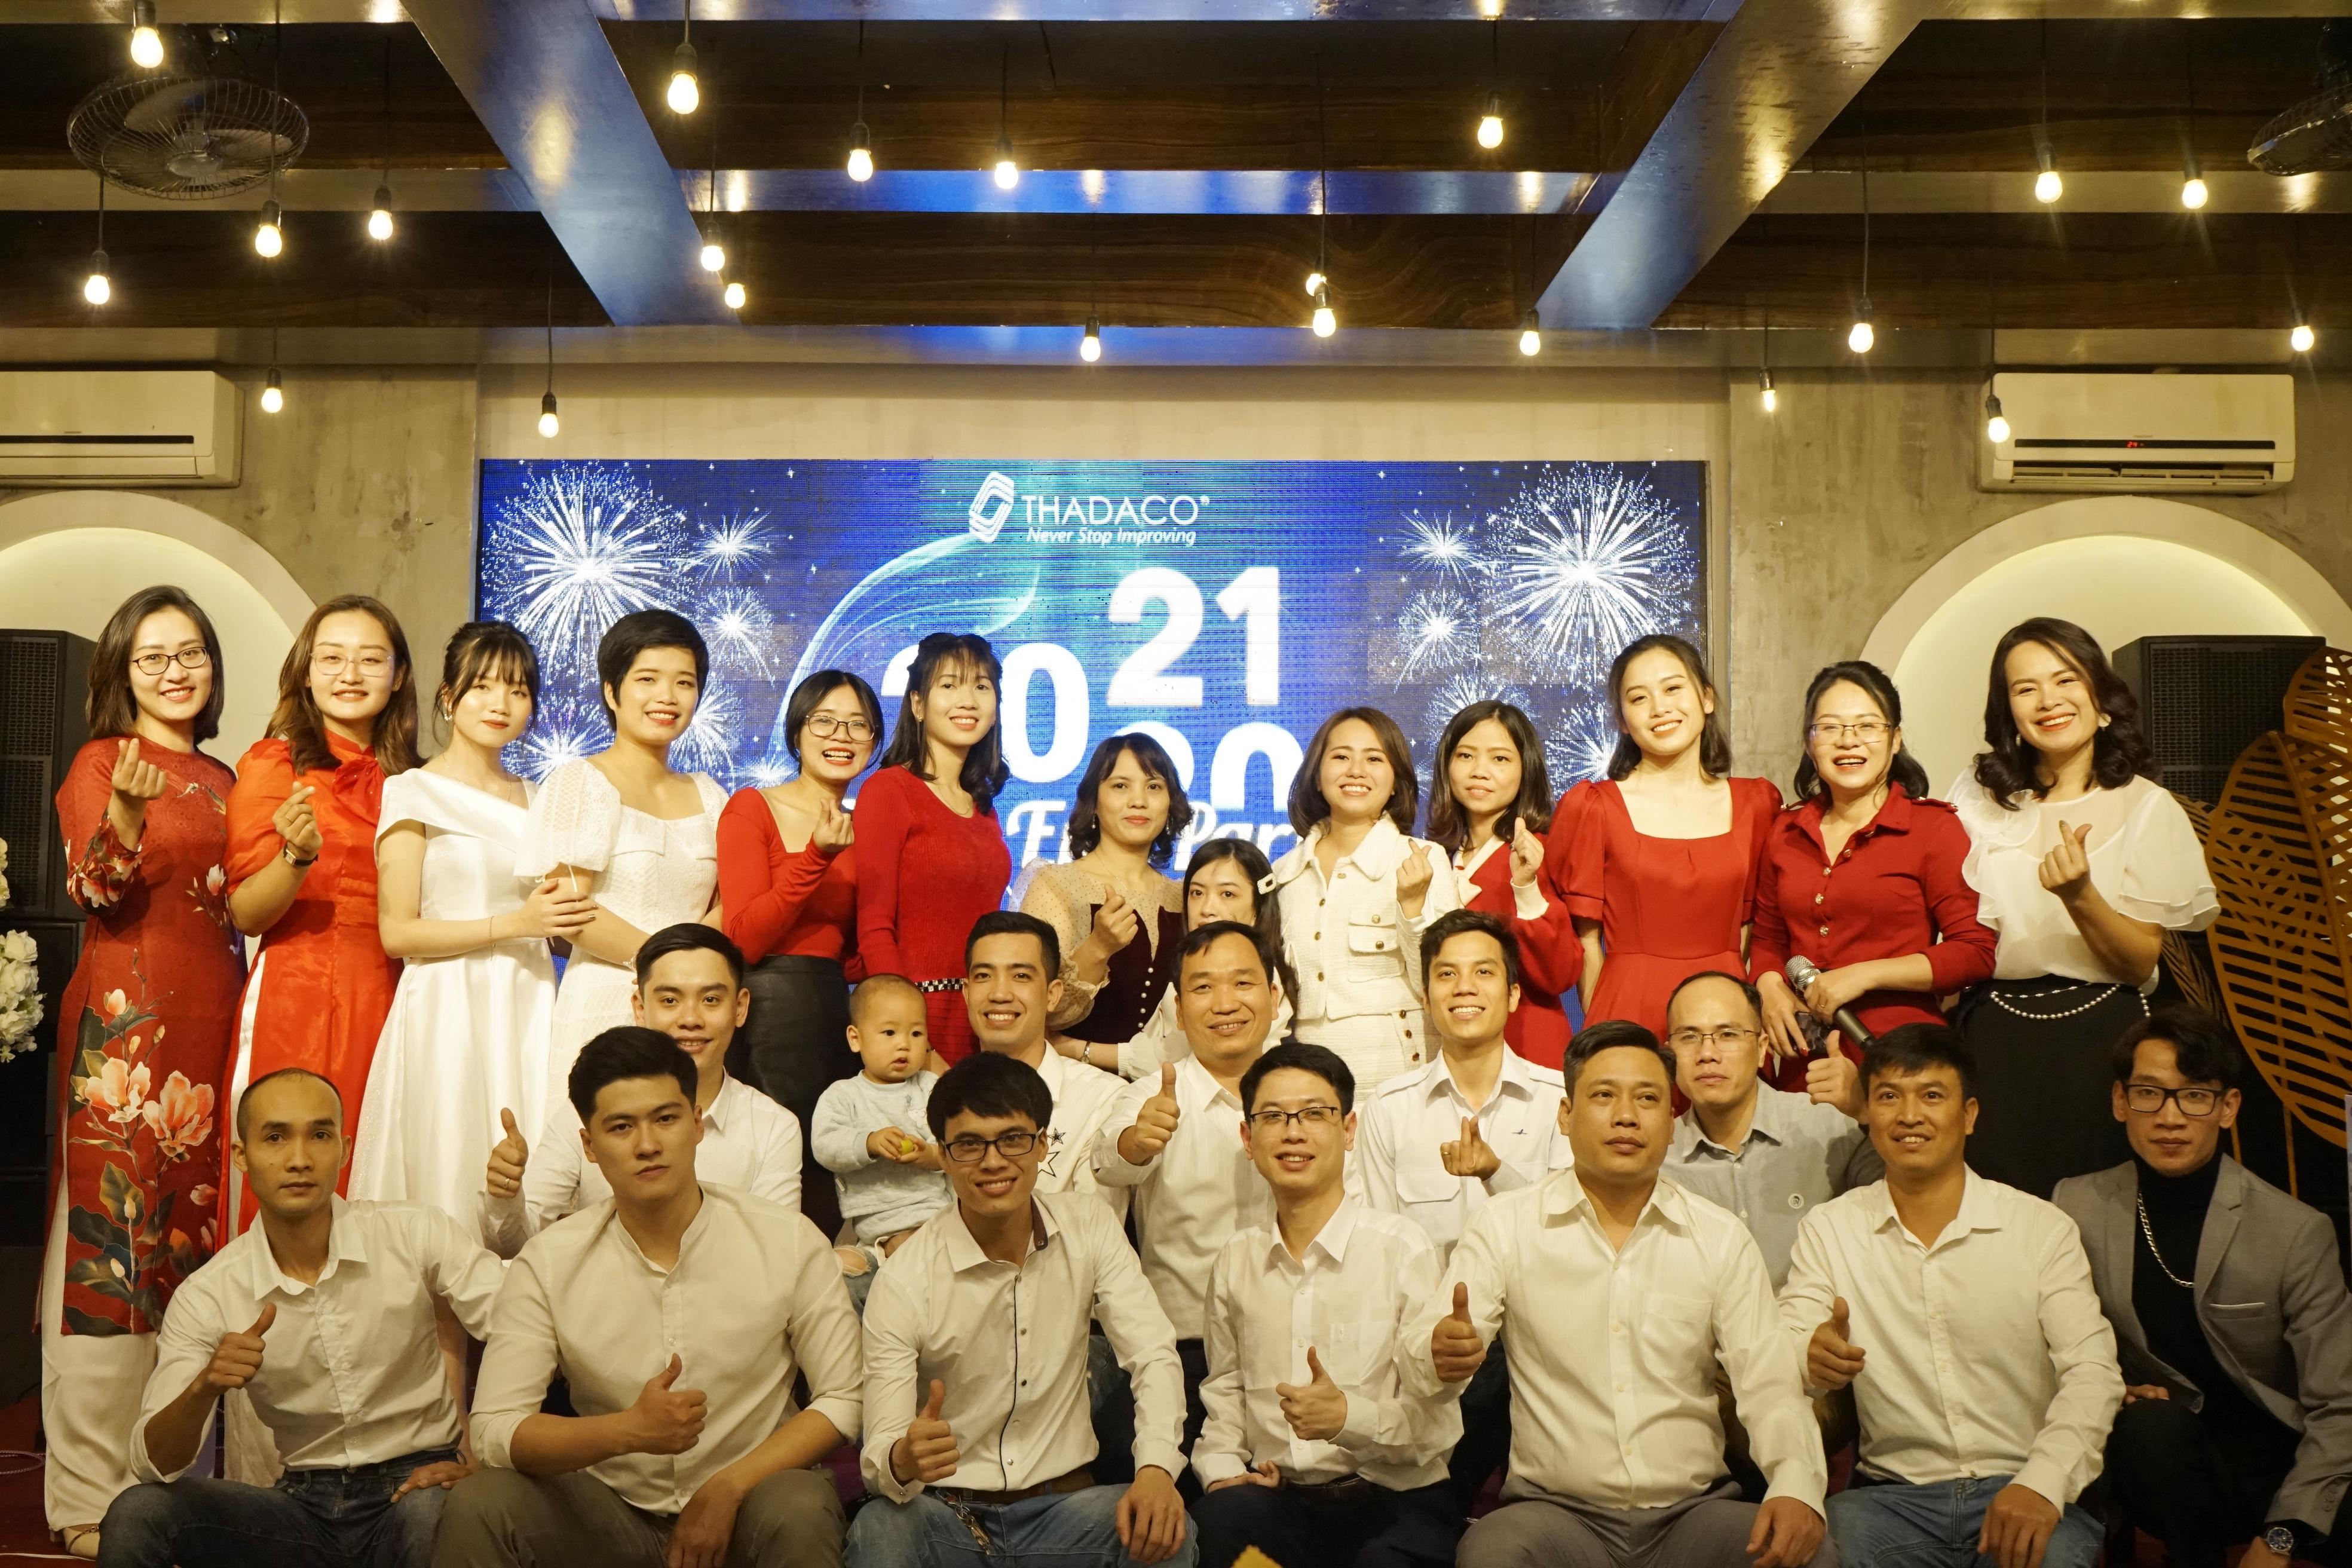 Thadaco Hà Nội tưng bừng mừng tất niên 2021